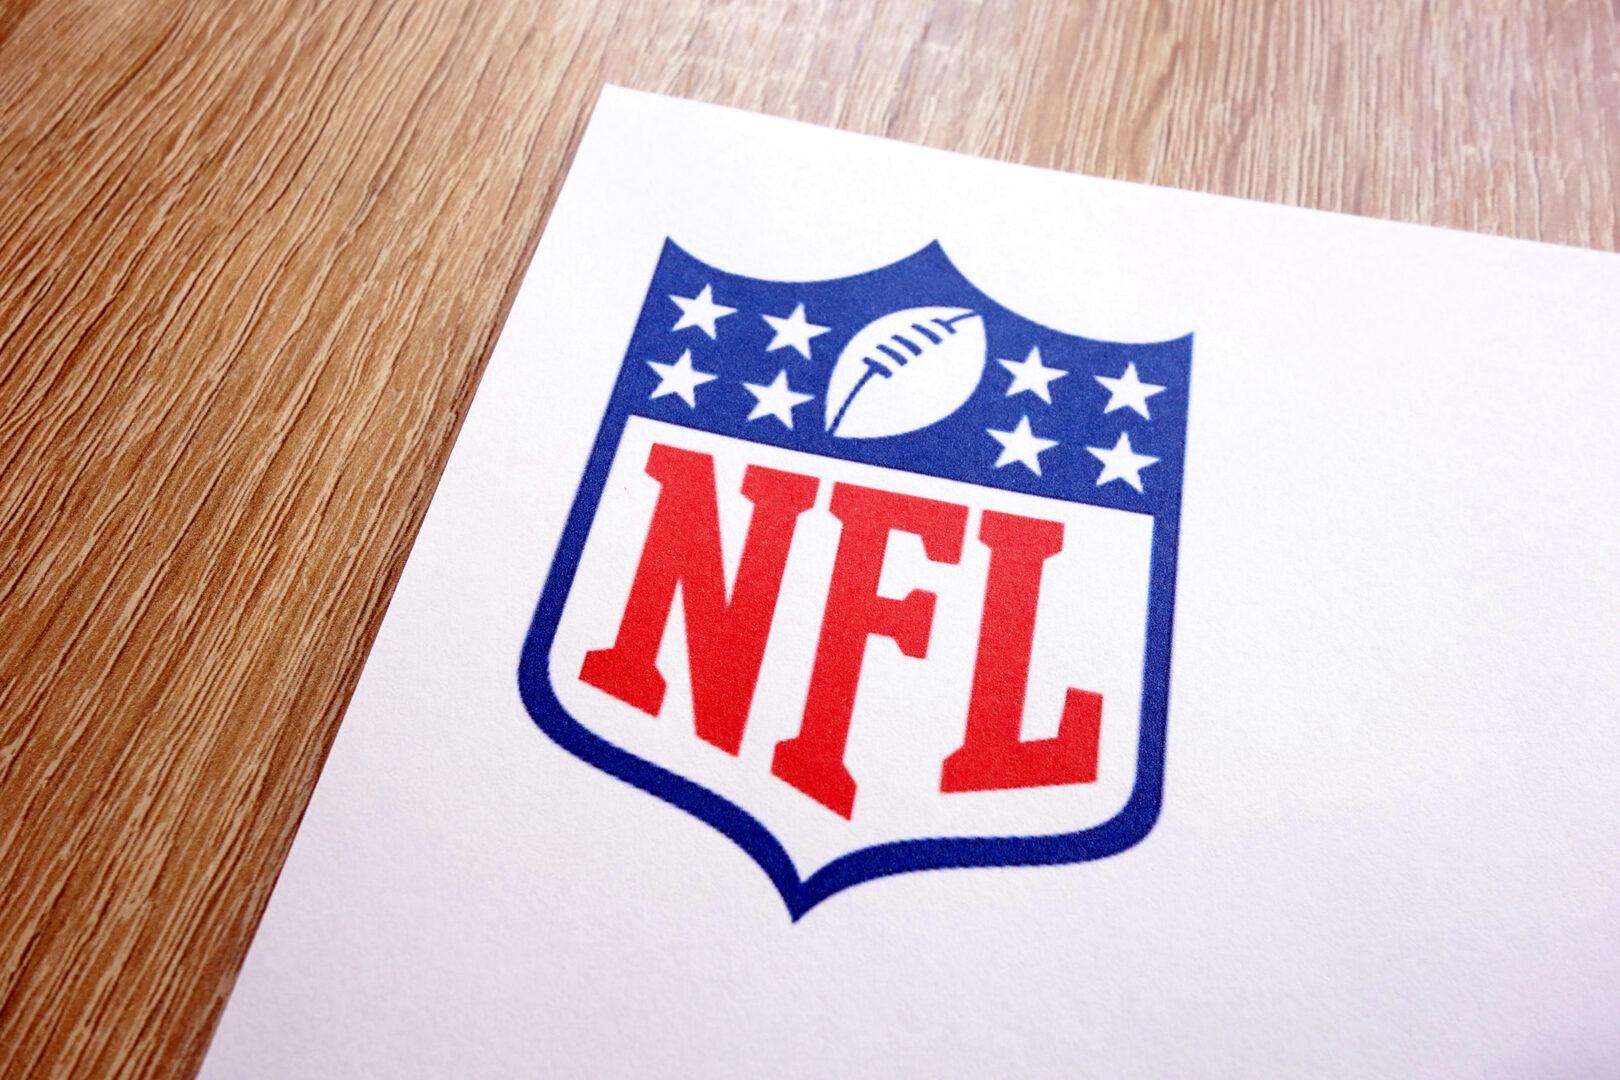 Richard Sherman's Wife Speaks Out On NFL Star's Bizarre Arrest